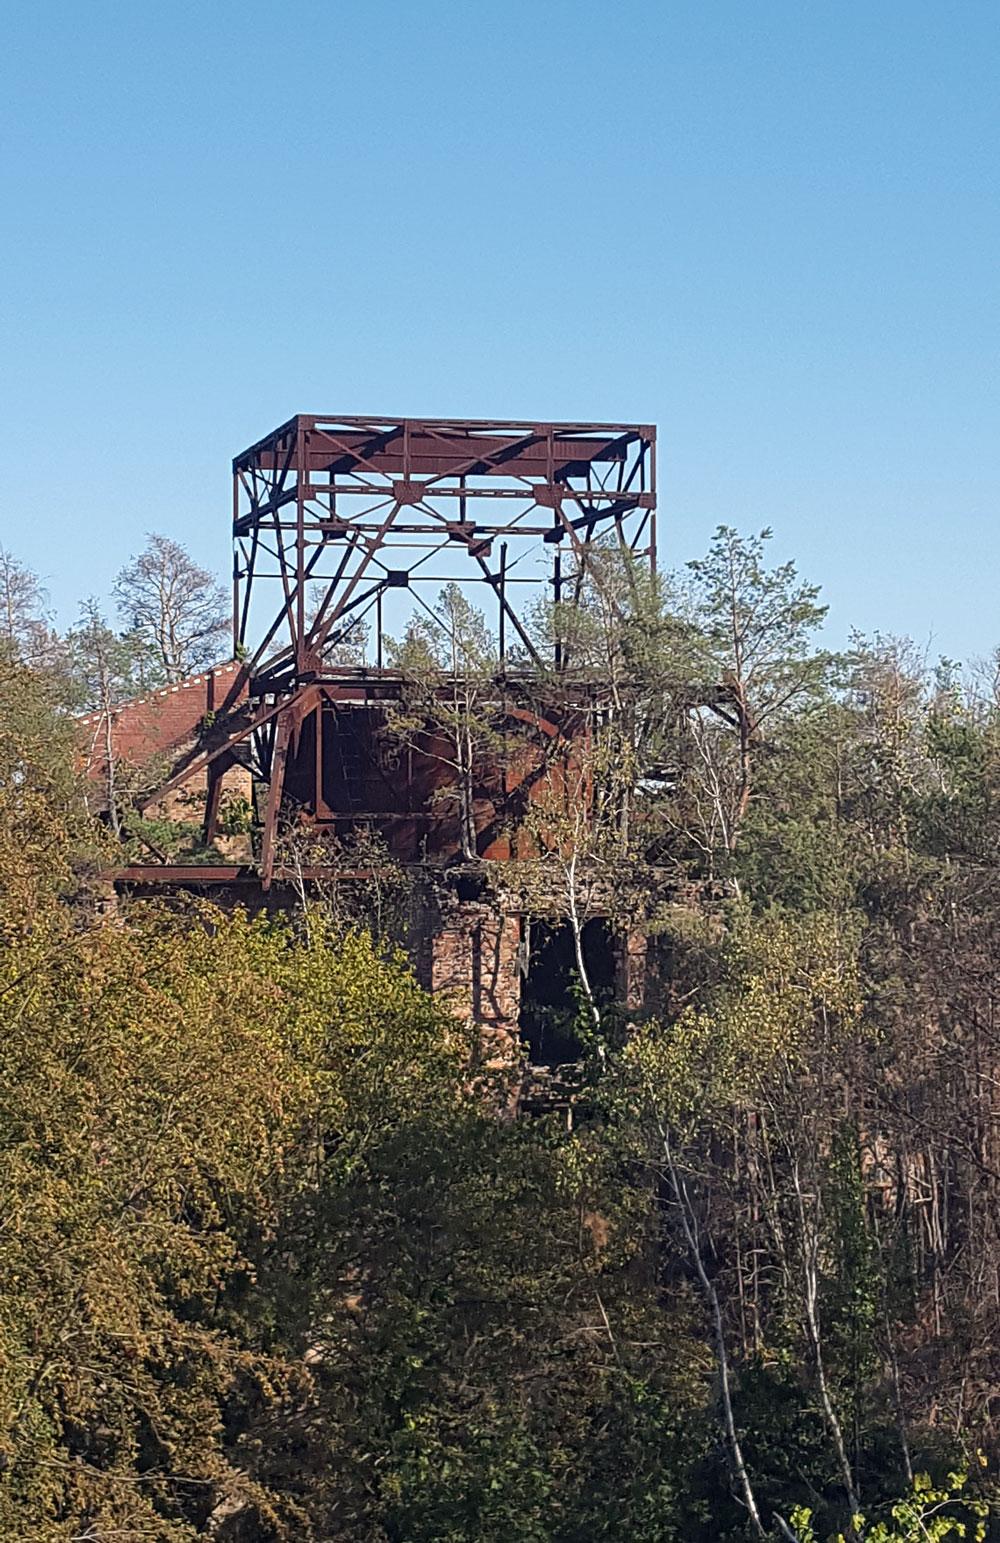 rostiger Stahlträger eines ehemaligen Turmes des Alpenhauses